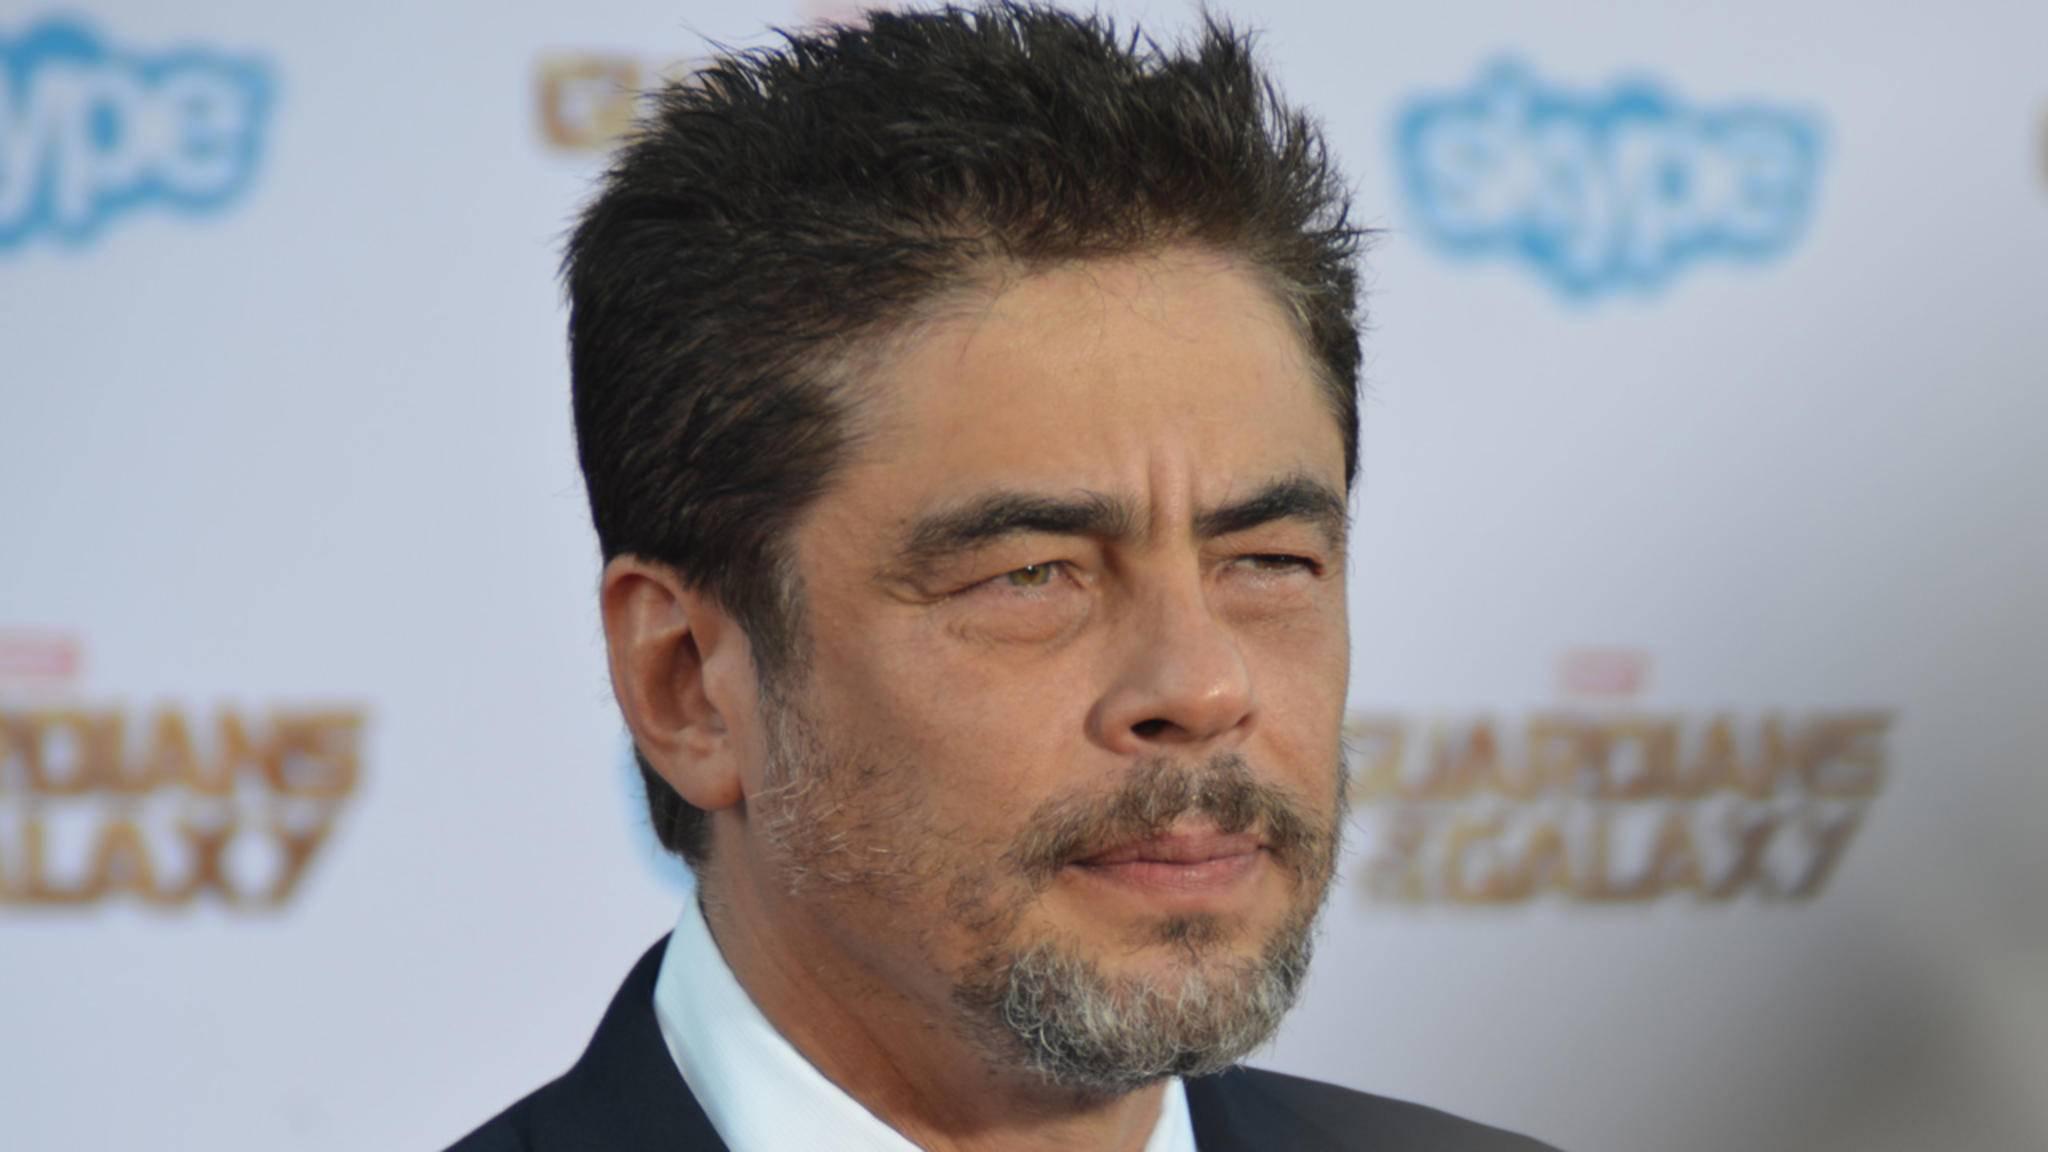 """Benicio Del Toro spielt in """"Star Wars: The Last Jedi"""" mit. Aber in welcher Rolle?"""